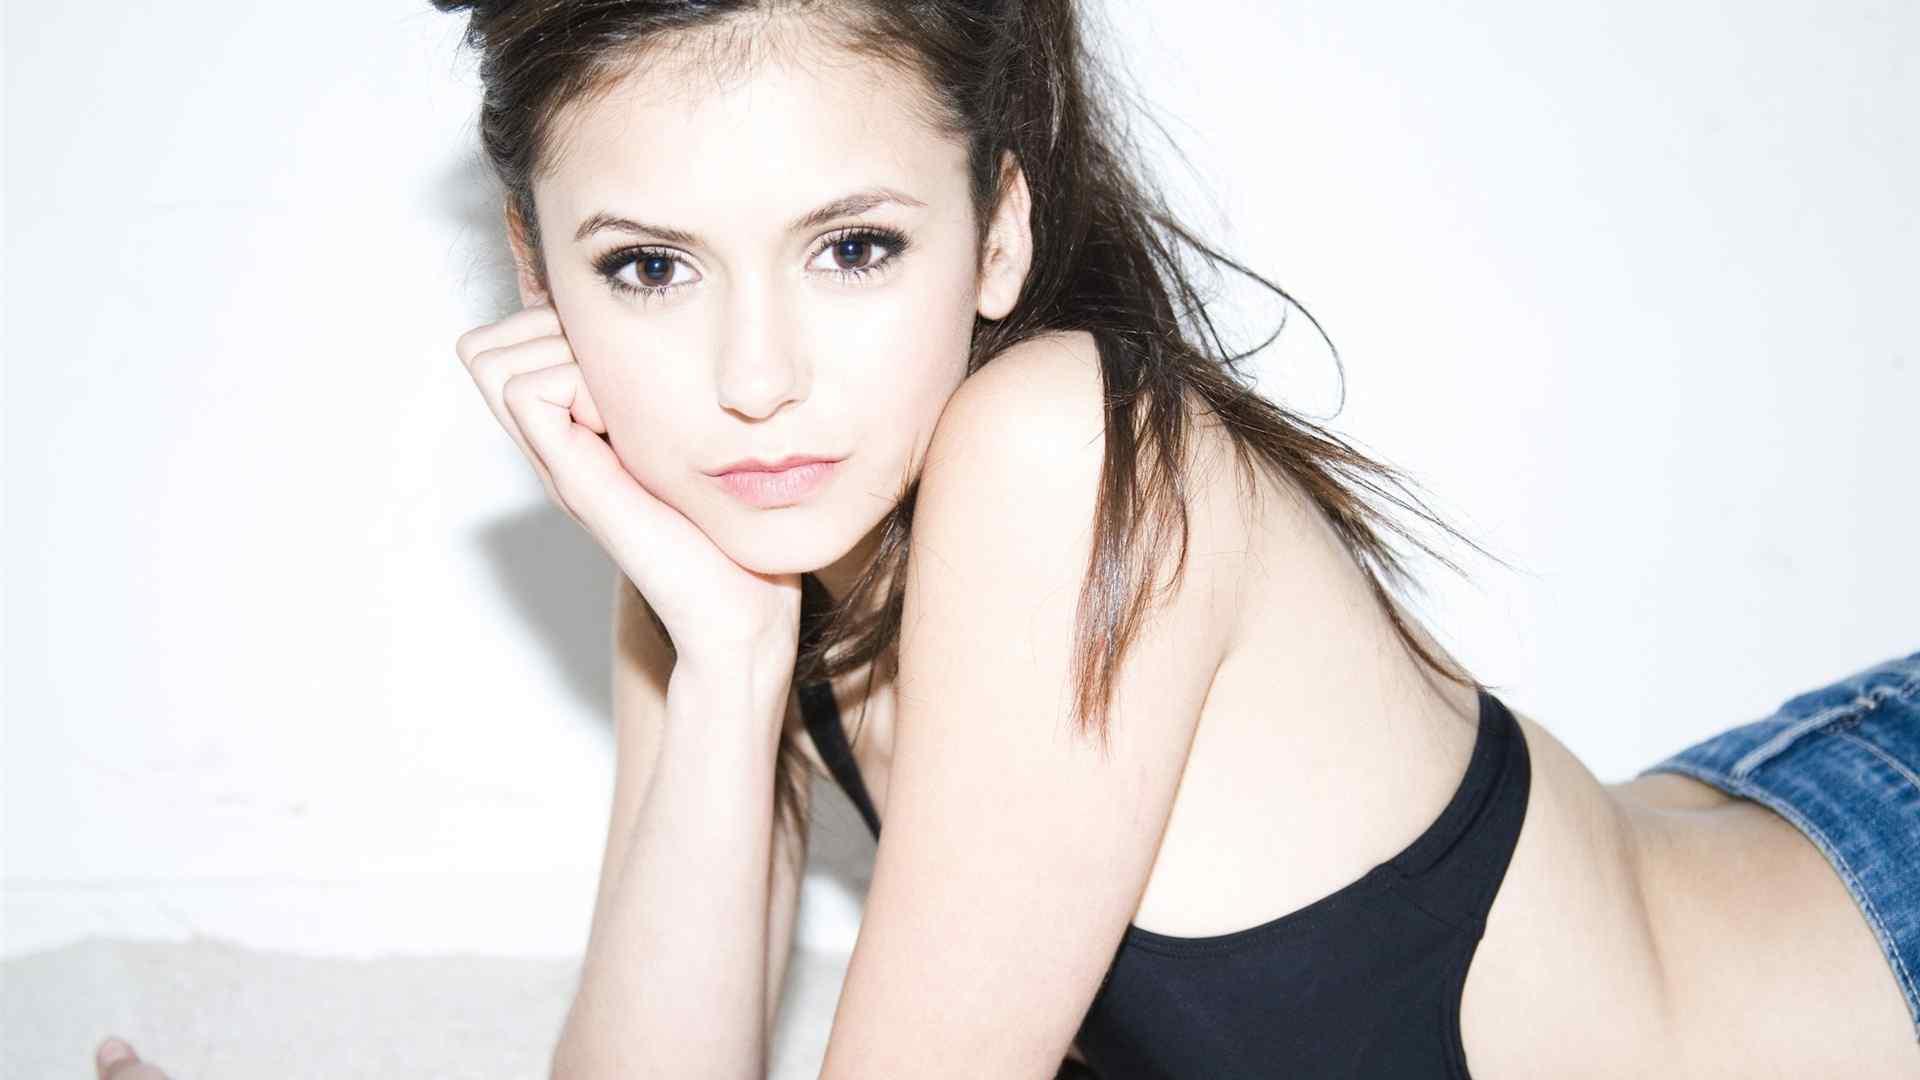 欧美美女明星妮娜·杜波夫时尚性感写真图片桌面壁纸